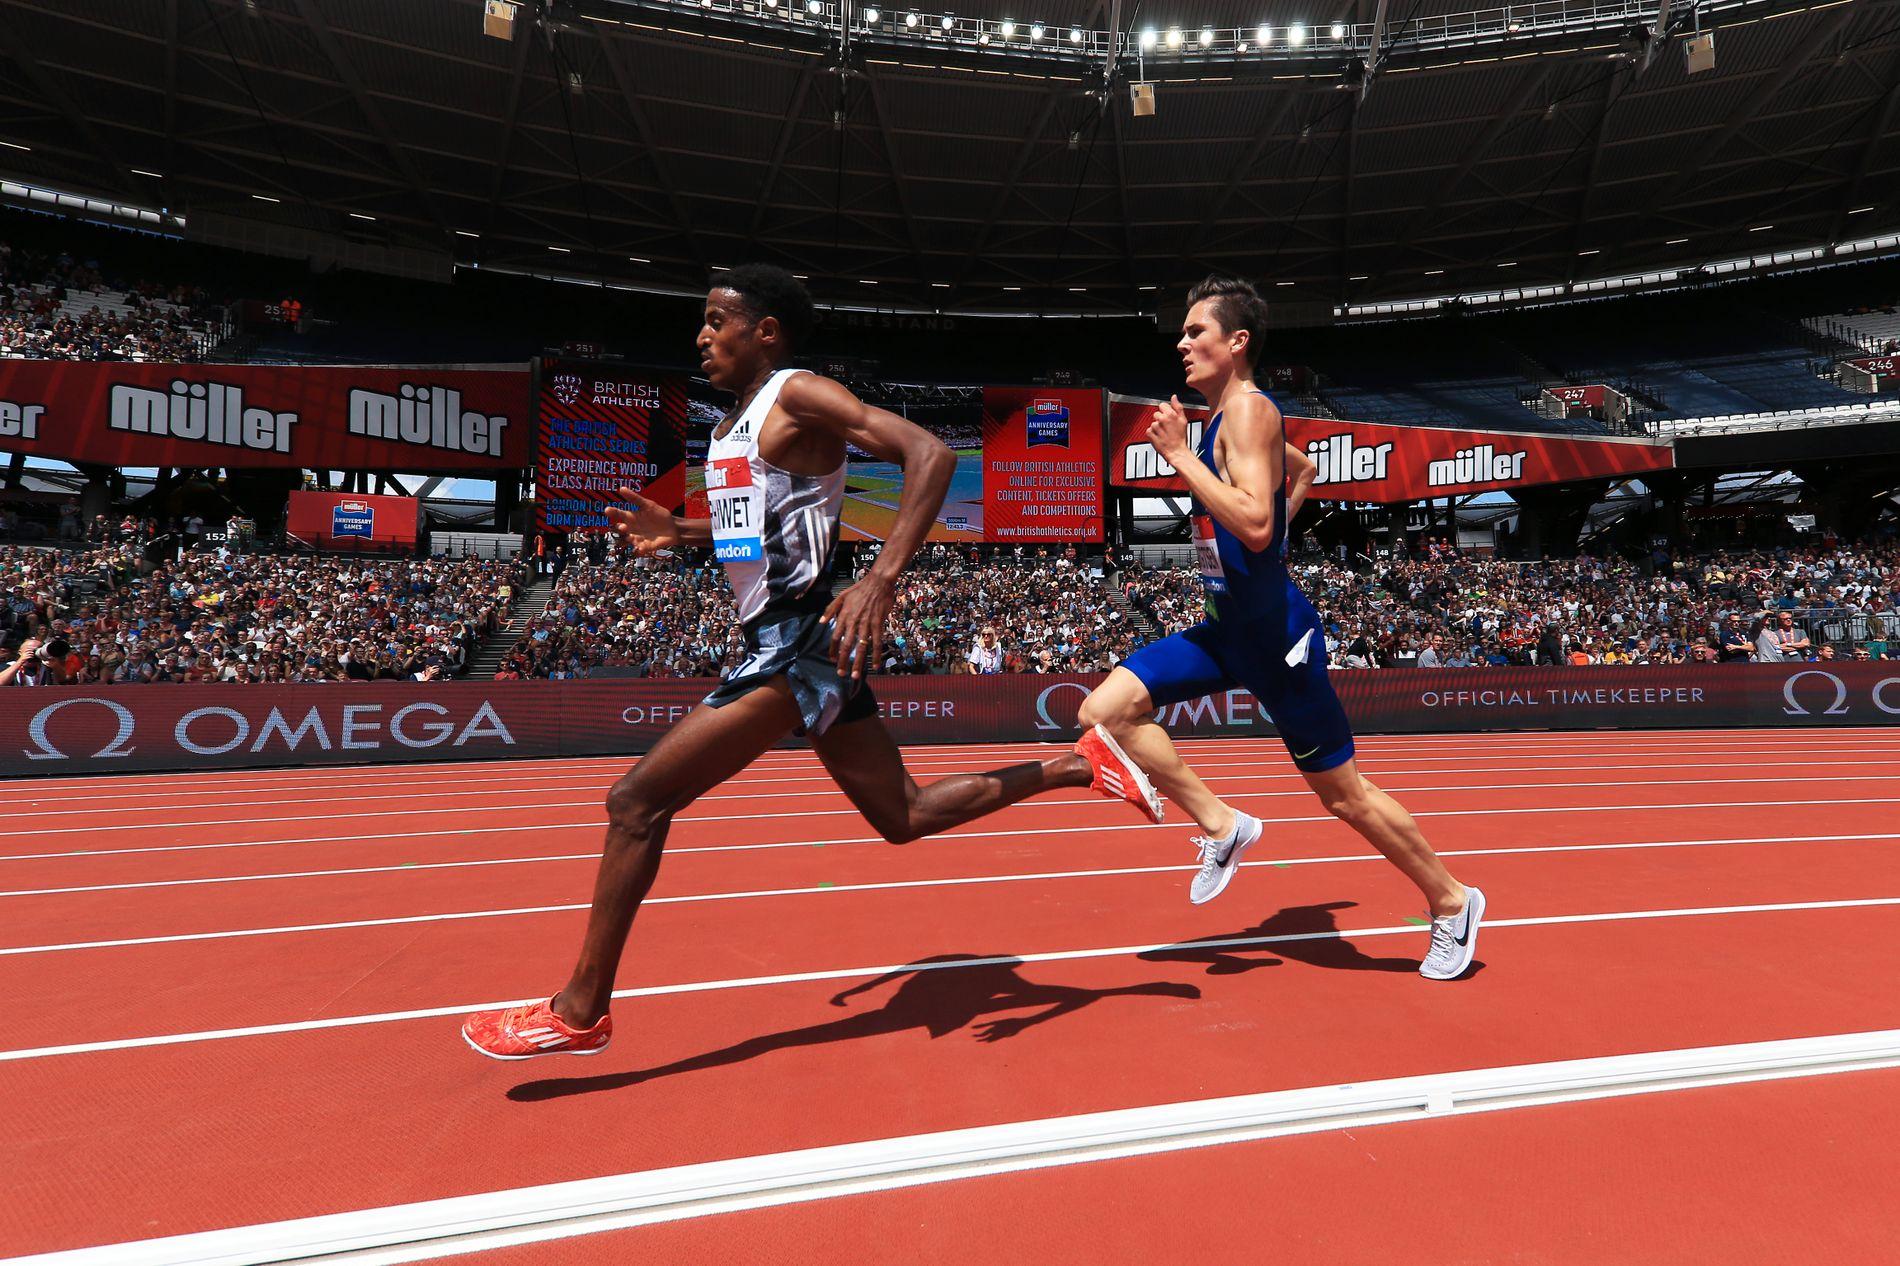 I FARTA: Jakob Ingebrigtsen i rygg på Hagos Gebrhiwet under 5000-meteren i London.